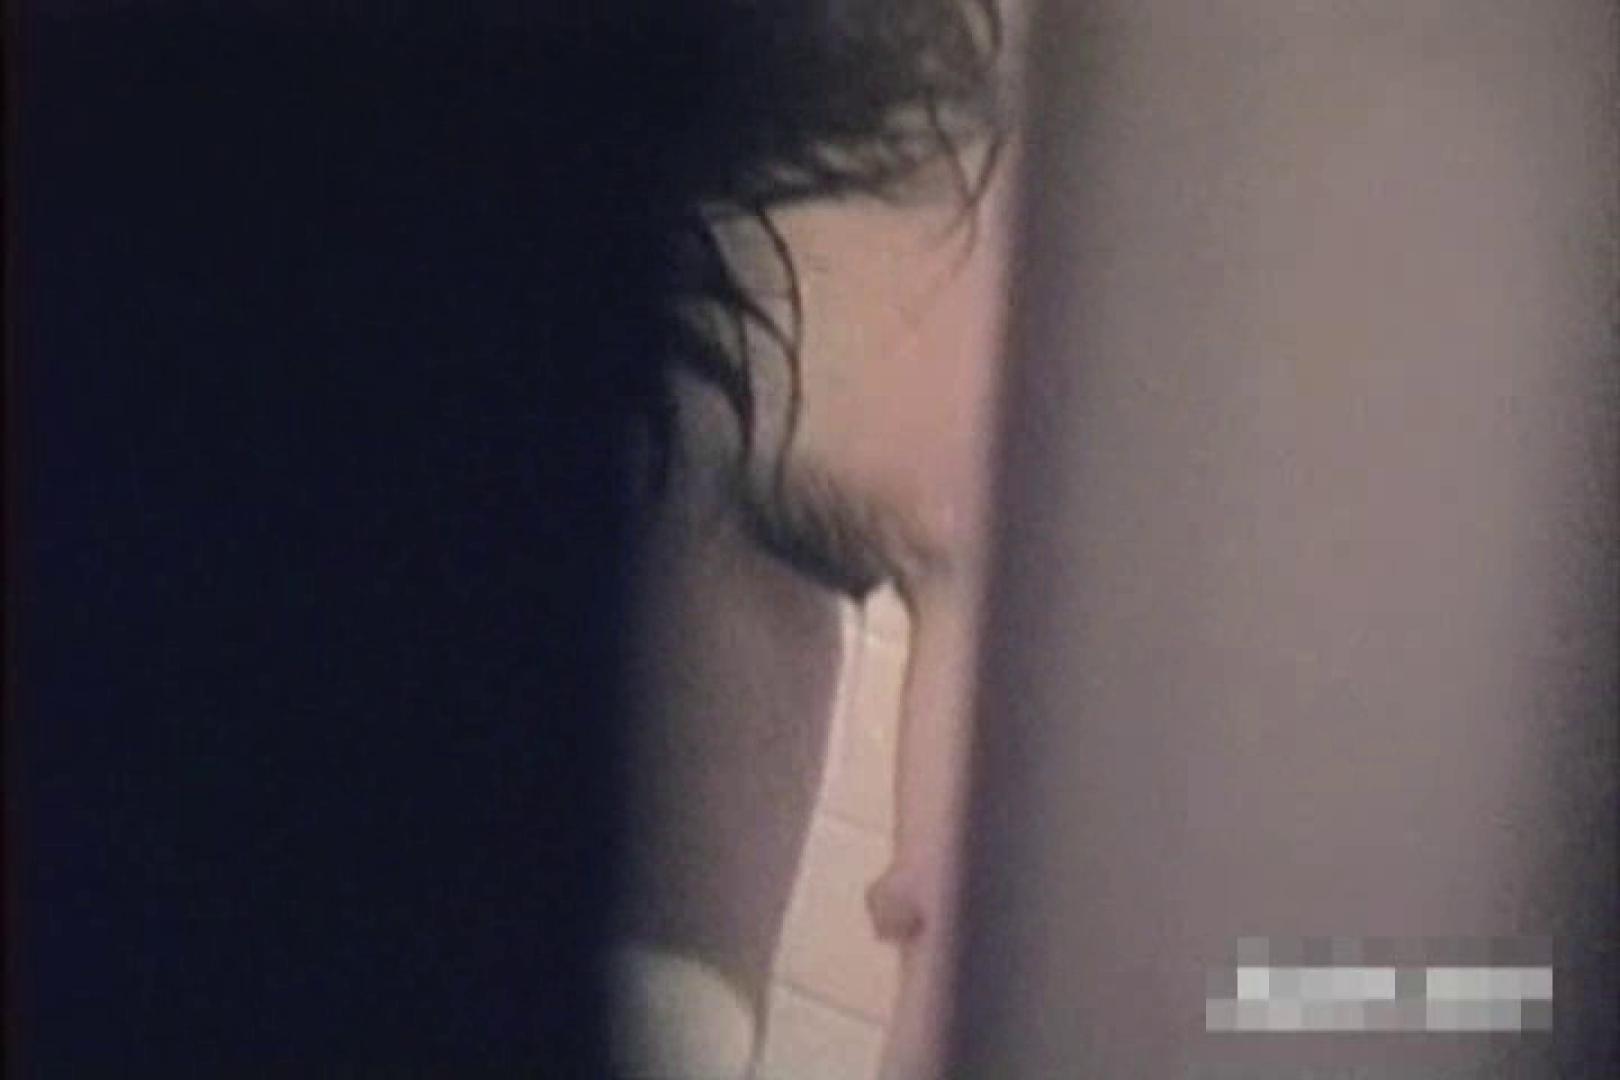 激撮ストーカー記録あなたのお宅拝見しますVol.4 エロすぎオナニー AV動画キャプチャ 82画像 53